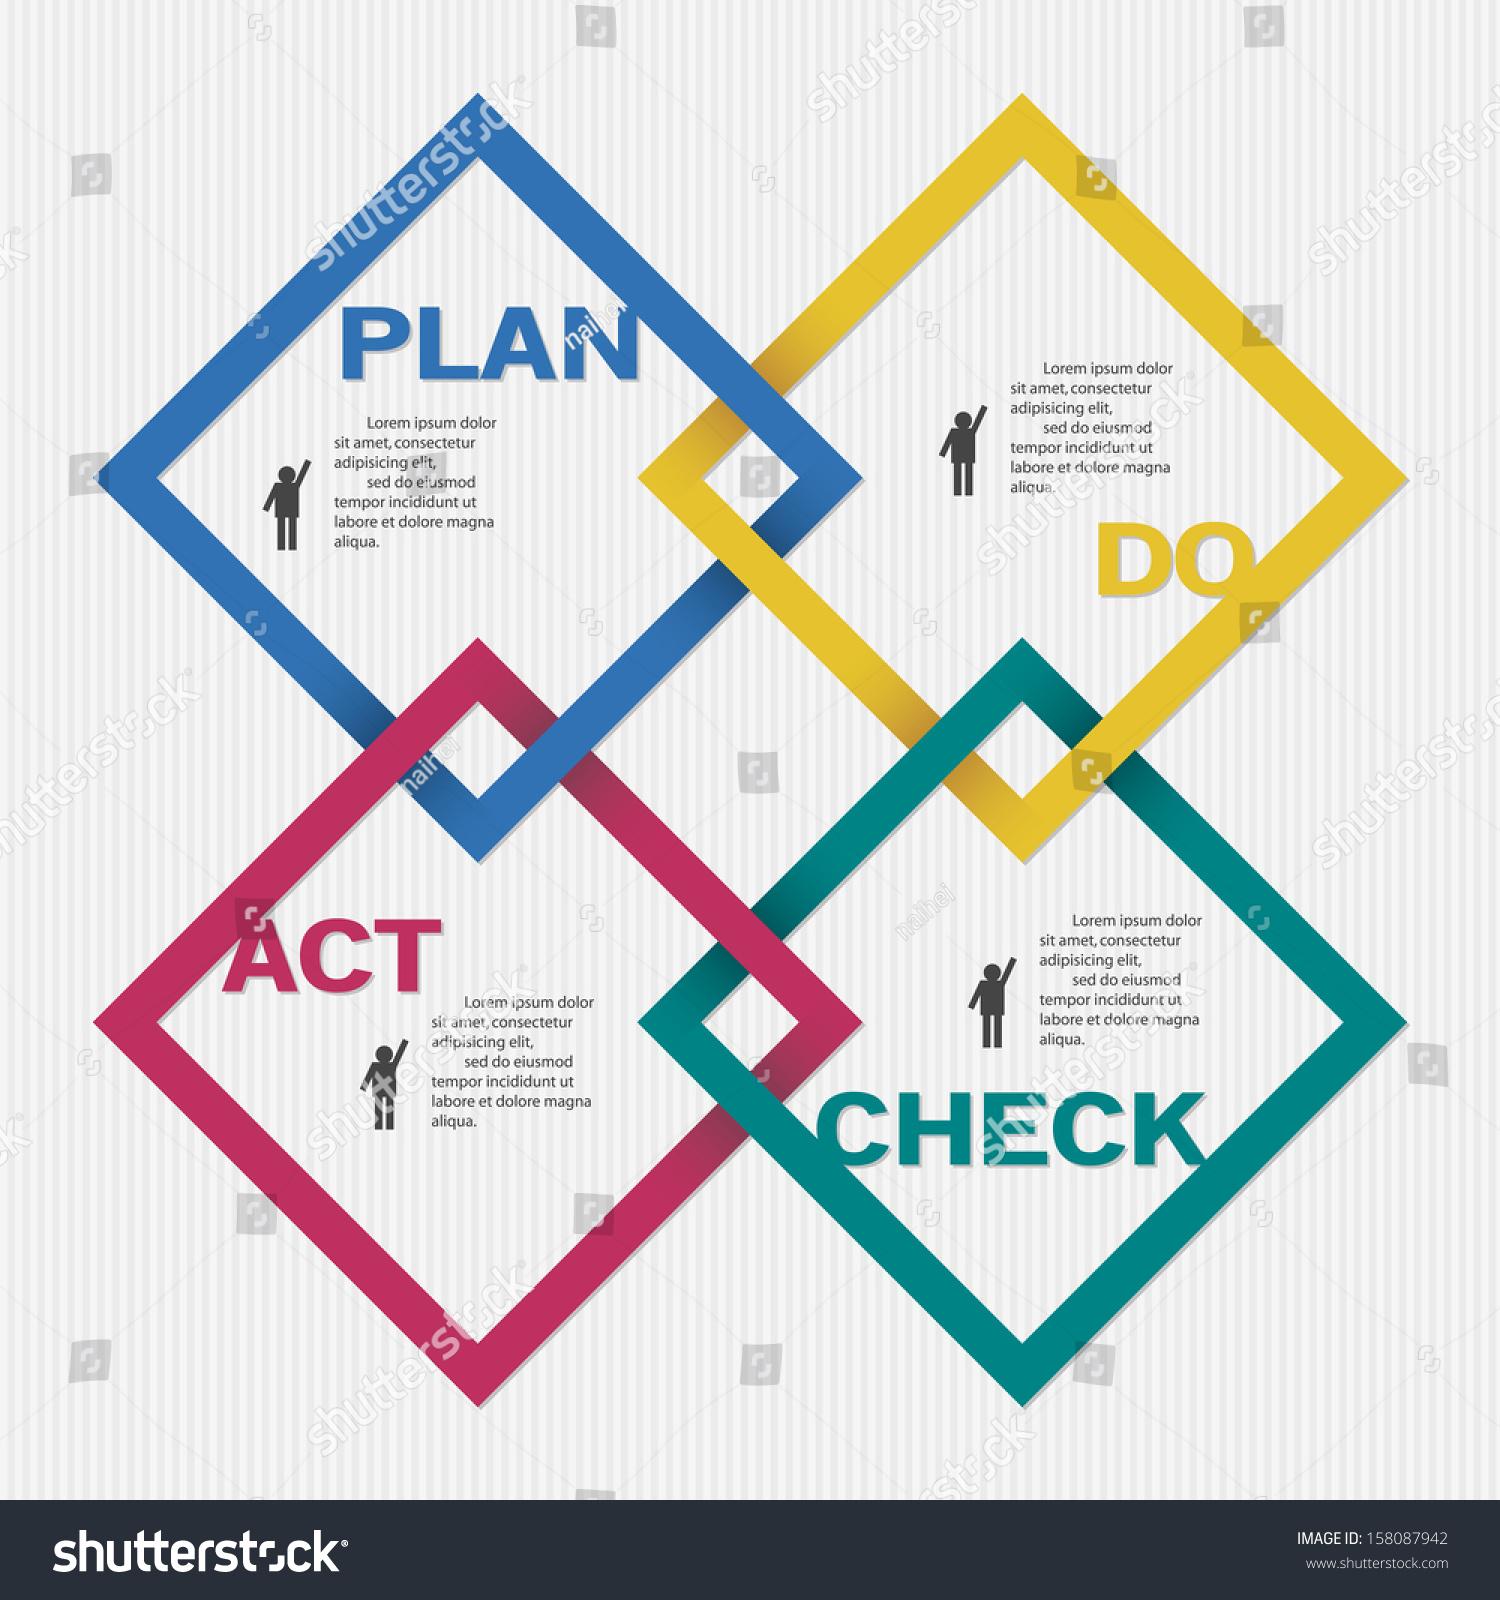 vector pdca  plan do check act  diagram with space for sample text    vector pdca  plan do check act  diagram   space for sample text preview  save to a lightbox